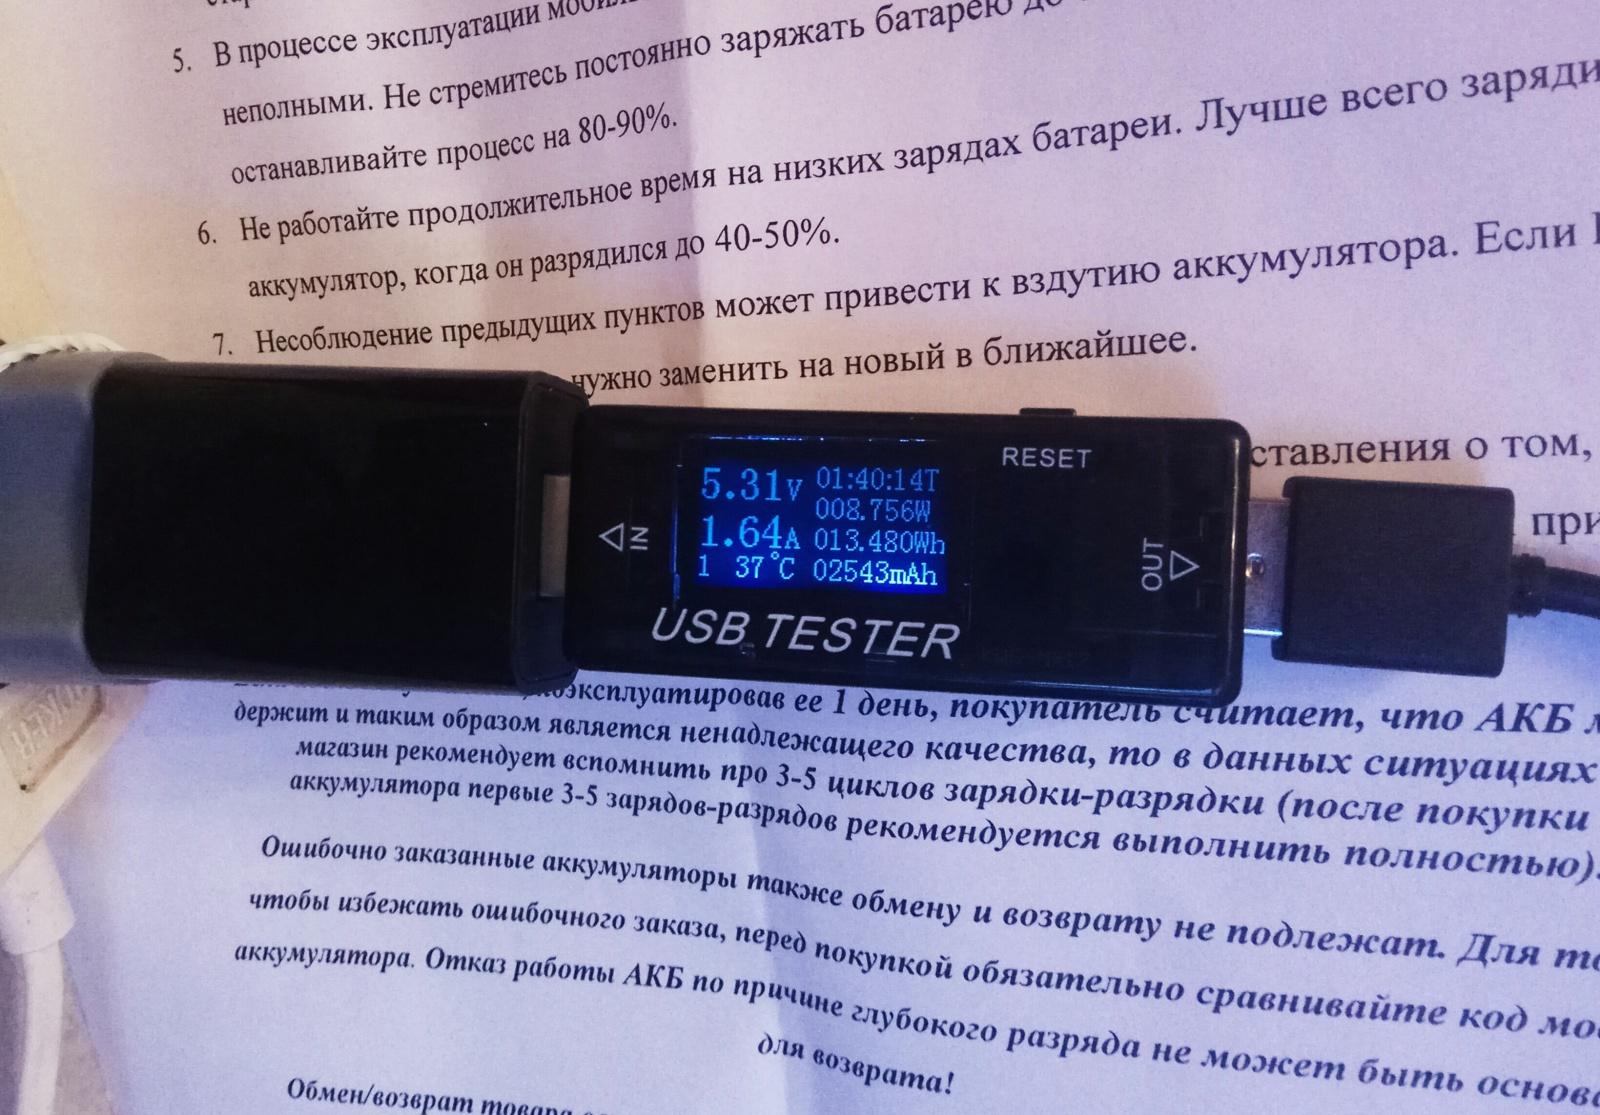 8250 миллиампер-часов китайской дичи, или повышенная ёмкость по-шеньчженьски - 3